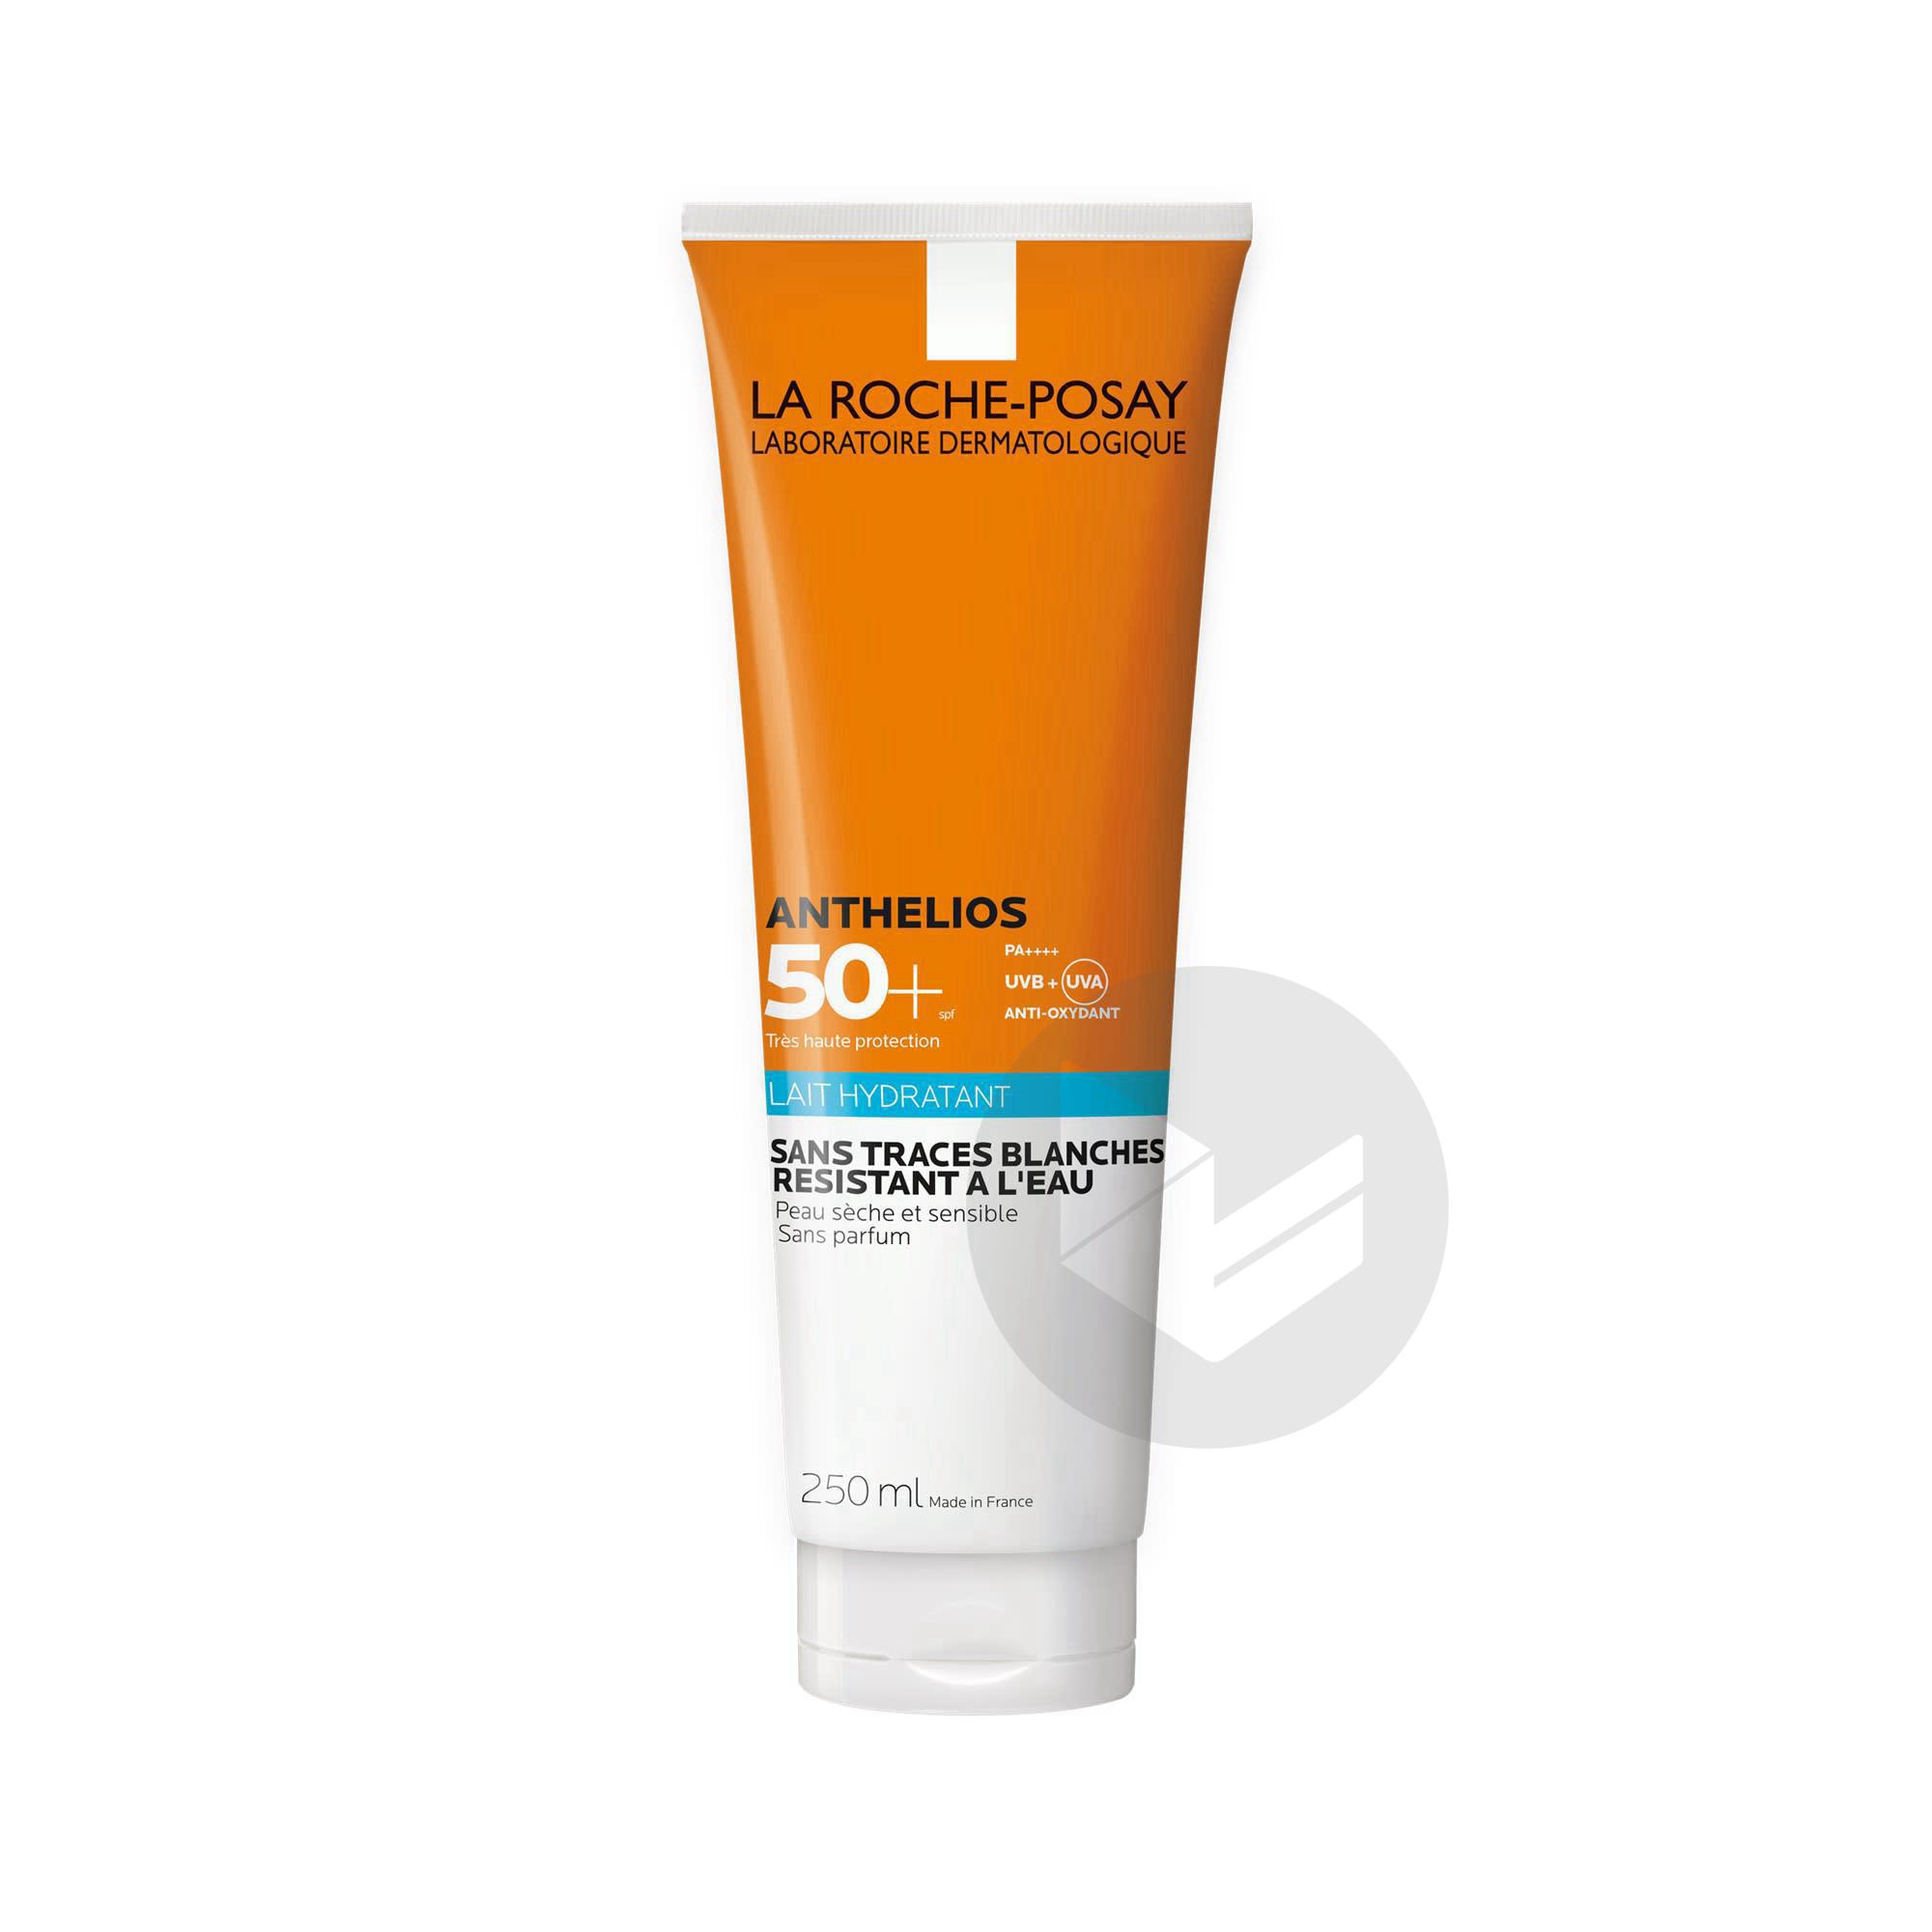 Anthelios Creme Solaire En Lait Hydratant Corps Spf 50 Sans Parfum 250 Ml